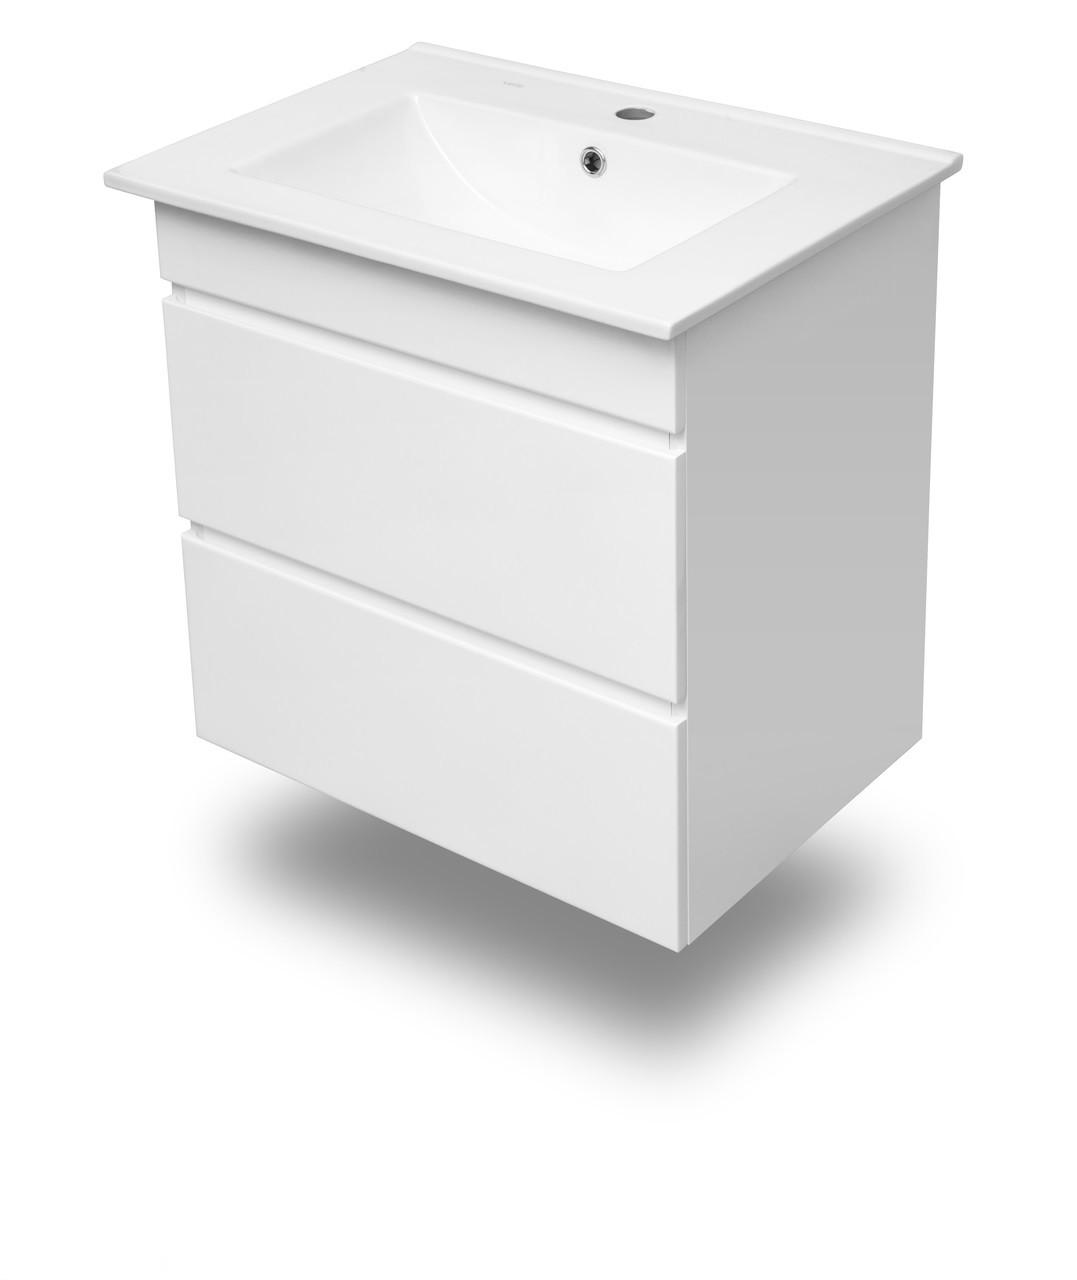 FIESTA комплект мебели 600: тумба подвесная белая (2 ящика)+умывальник накладной